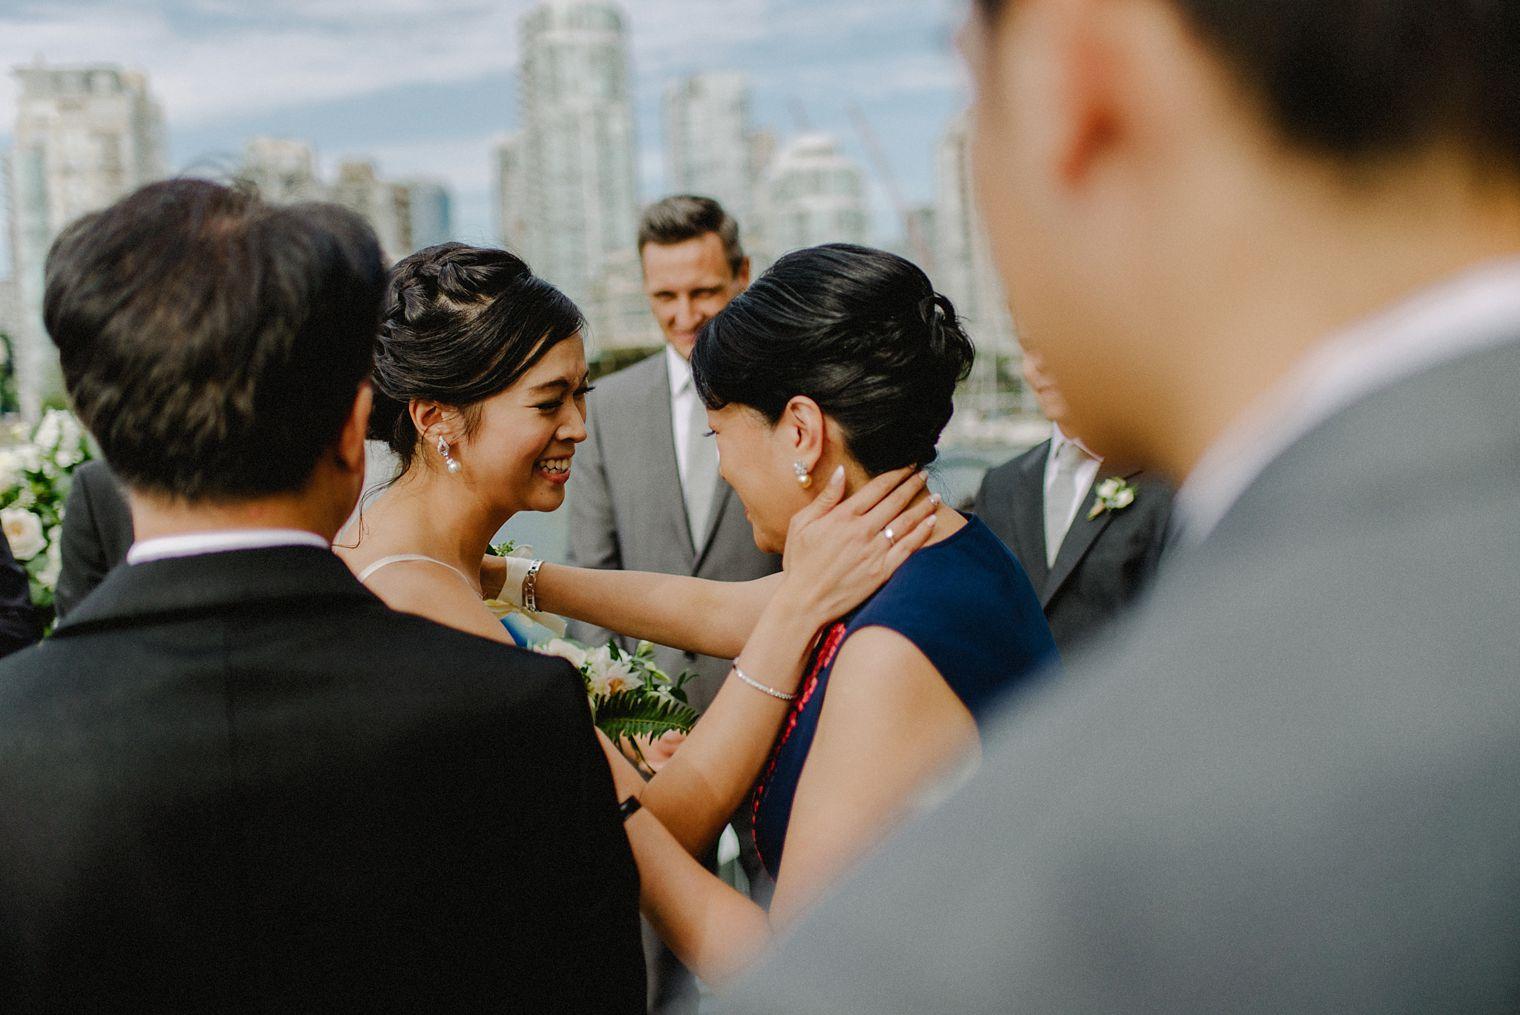 bridges restaurant patio wedding